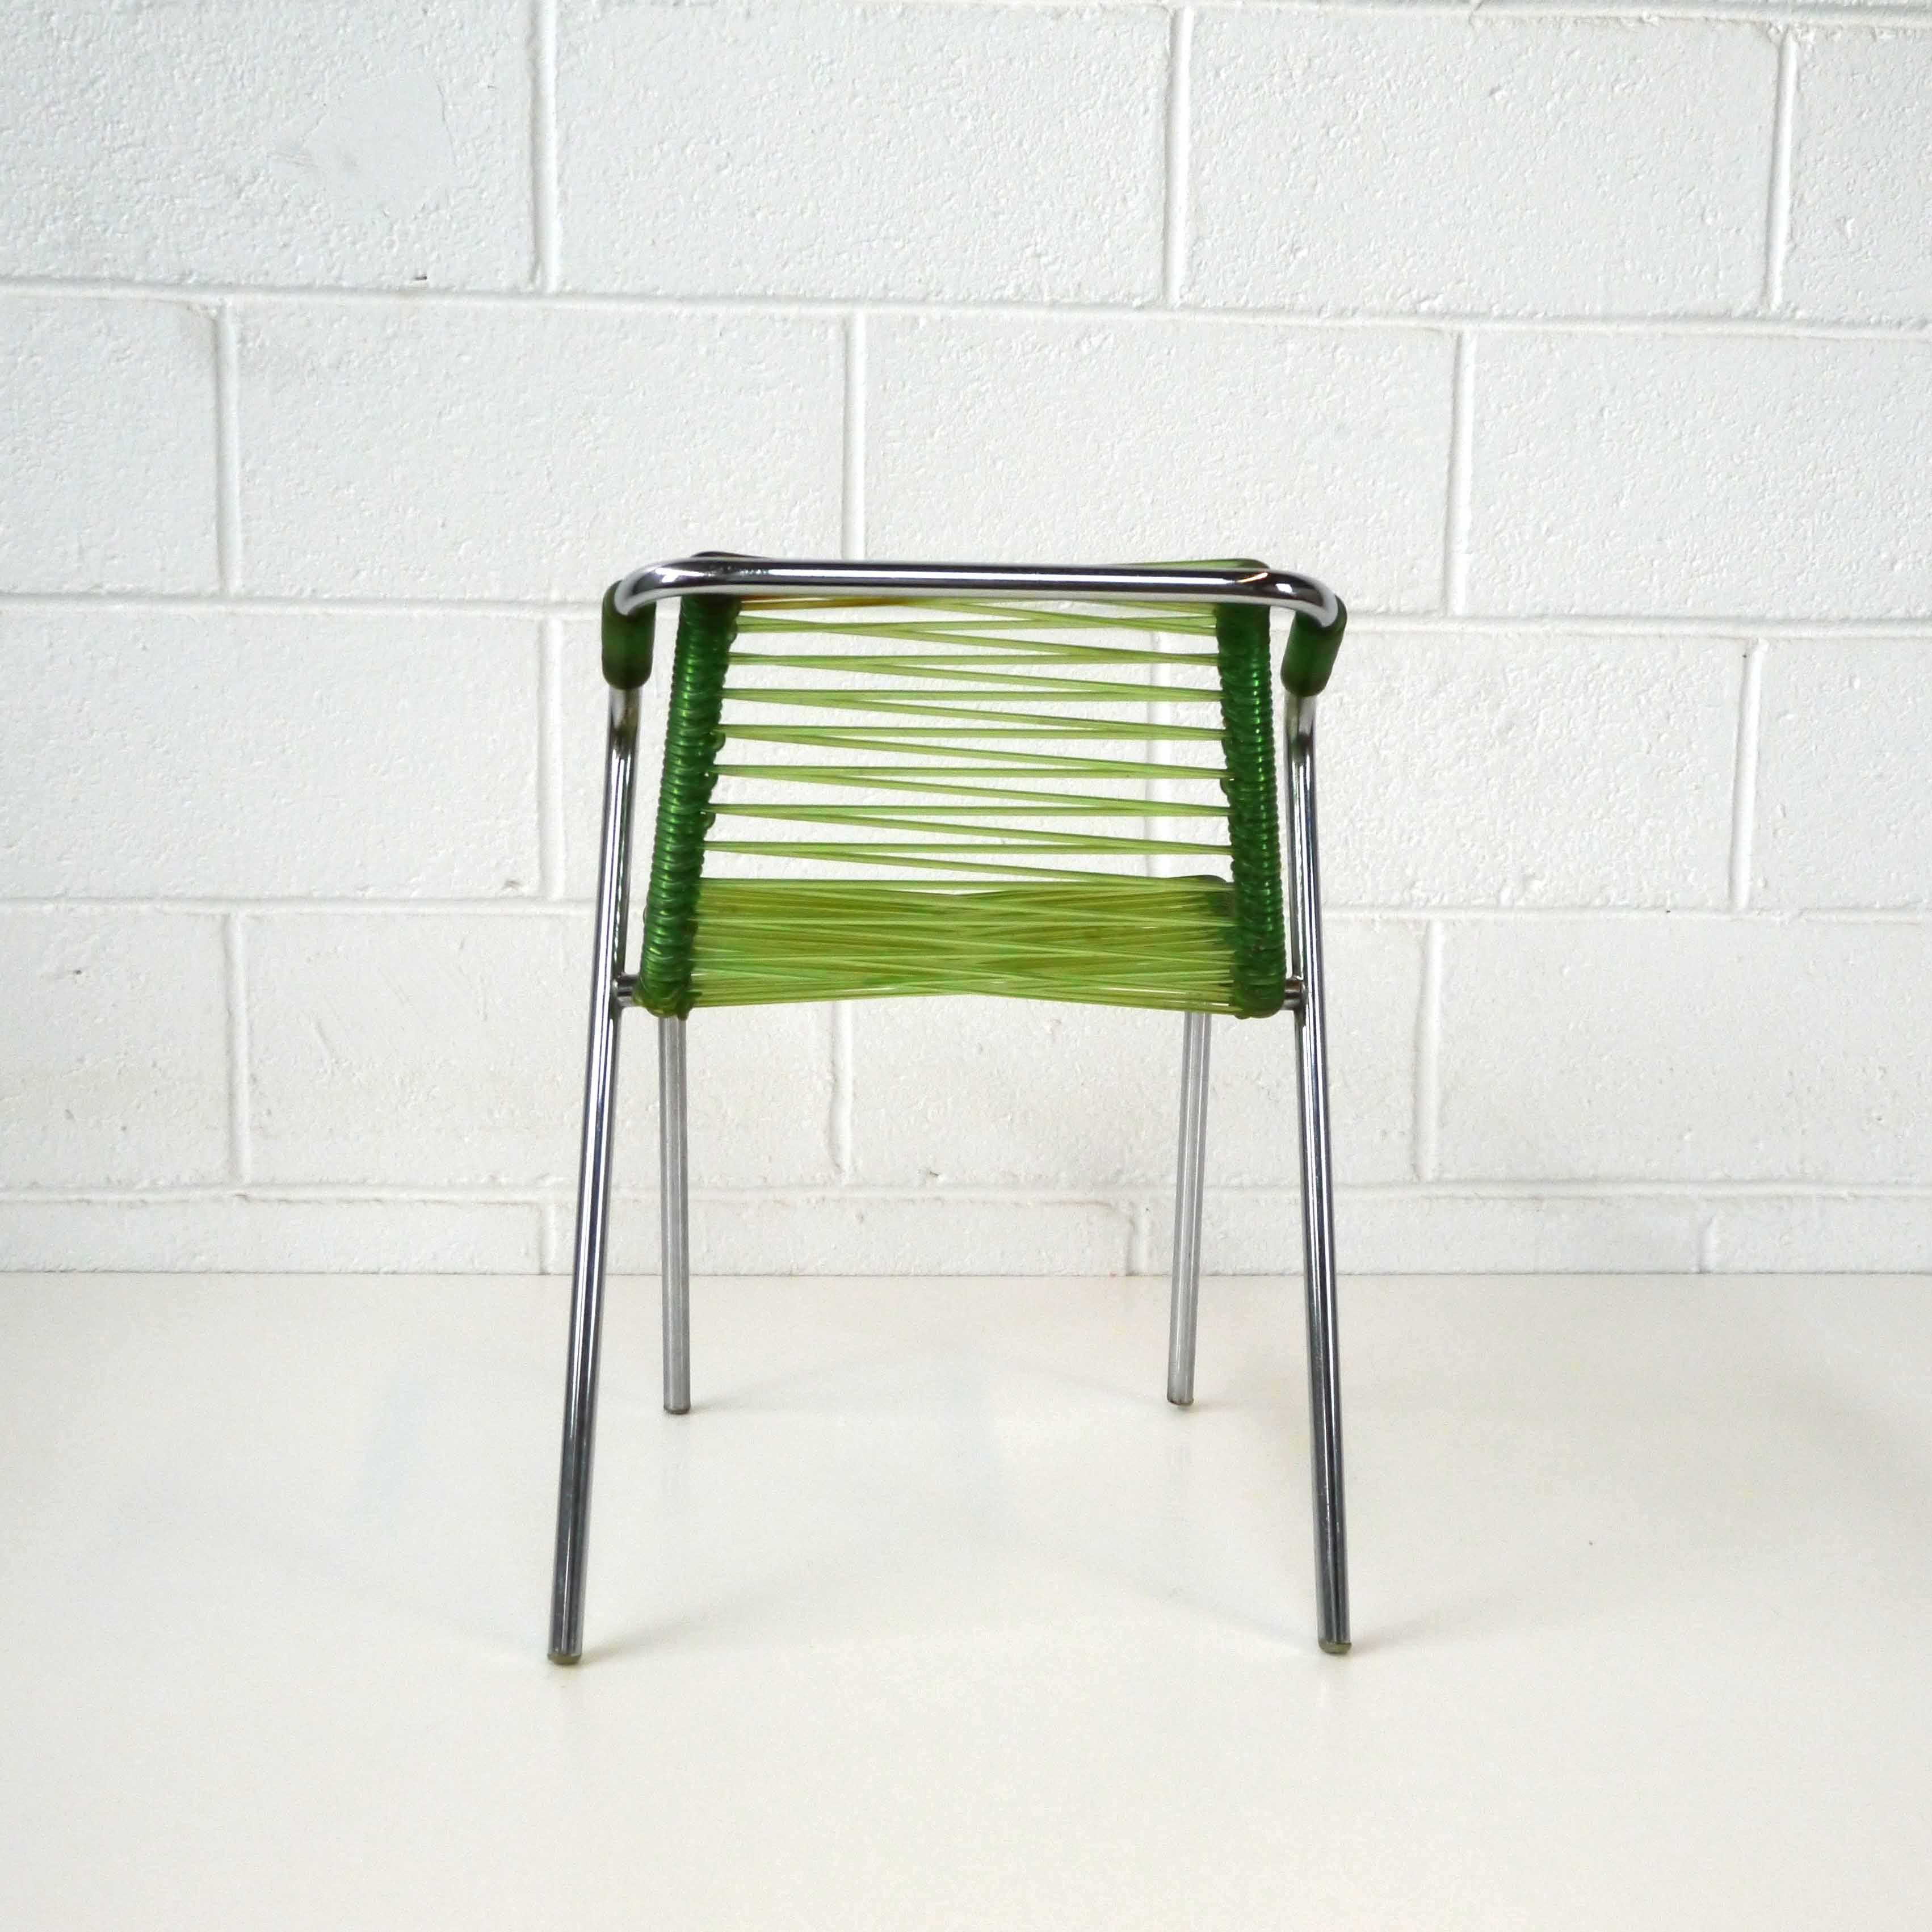 fauteuil scoubidou enfant 1957 la marelle mobilier et d co vintage. Black Bedroom Furniture Sets. Home Design Ideas